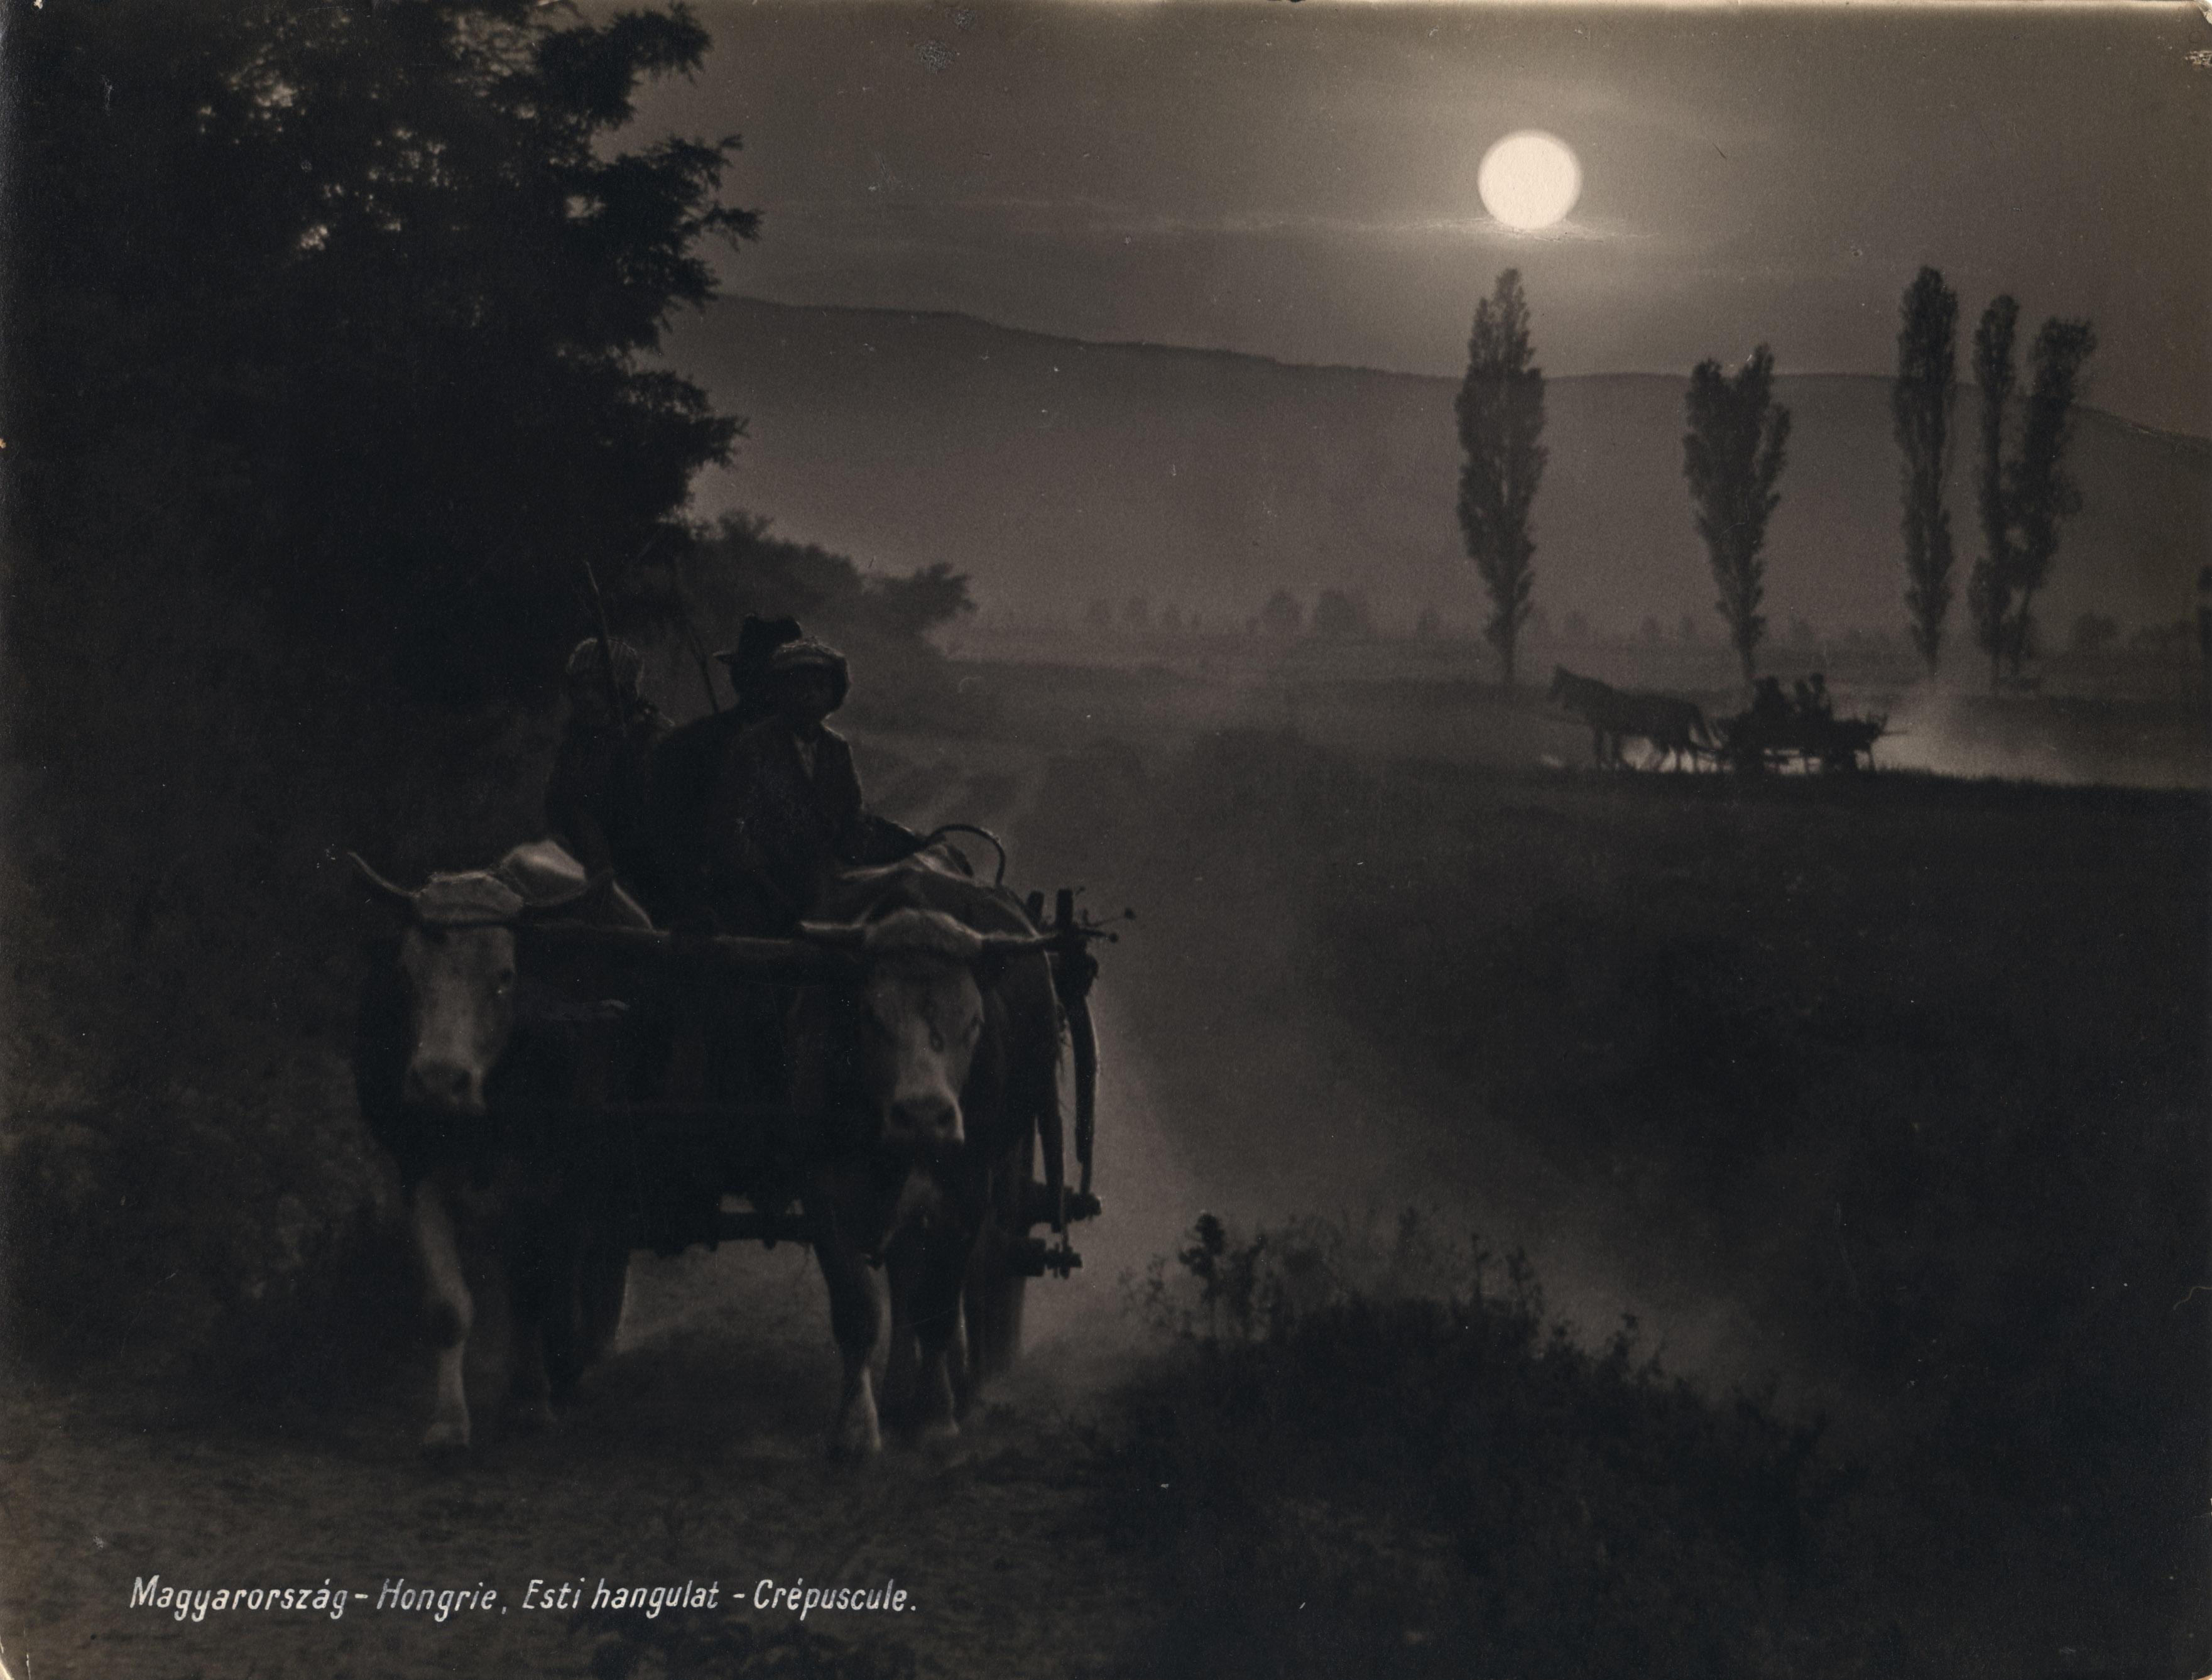 Fotó: Dulovits Jenő: Esti hangulat (Naplemente, ökrösszekér közeledik a poros úton), 1930 © Magyar Fotográfiai Múzeum